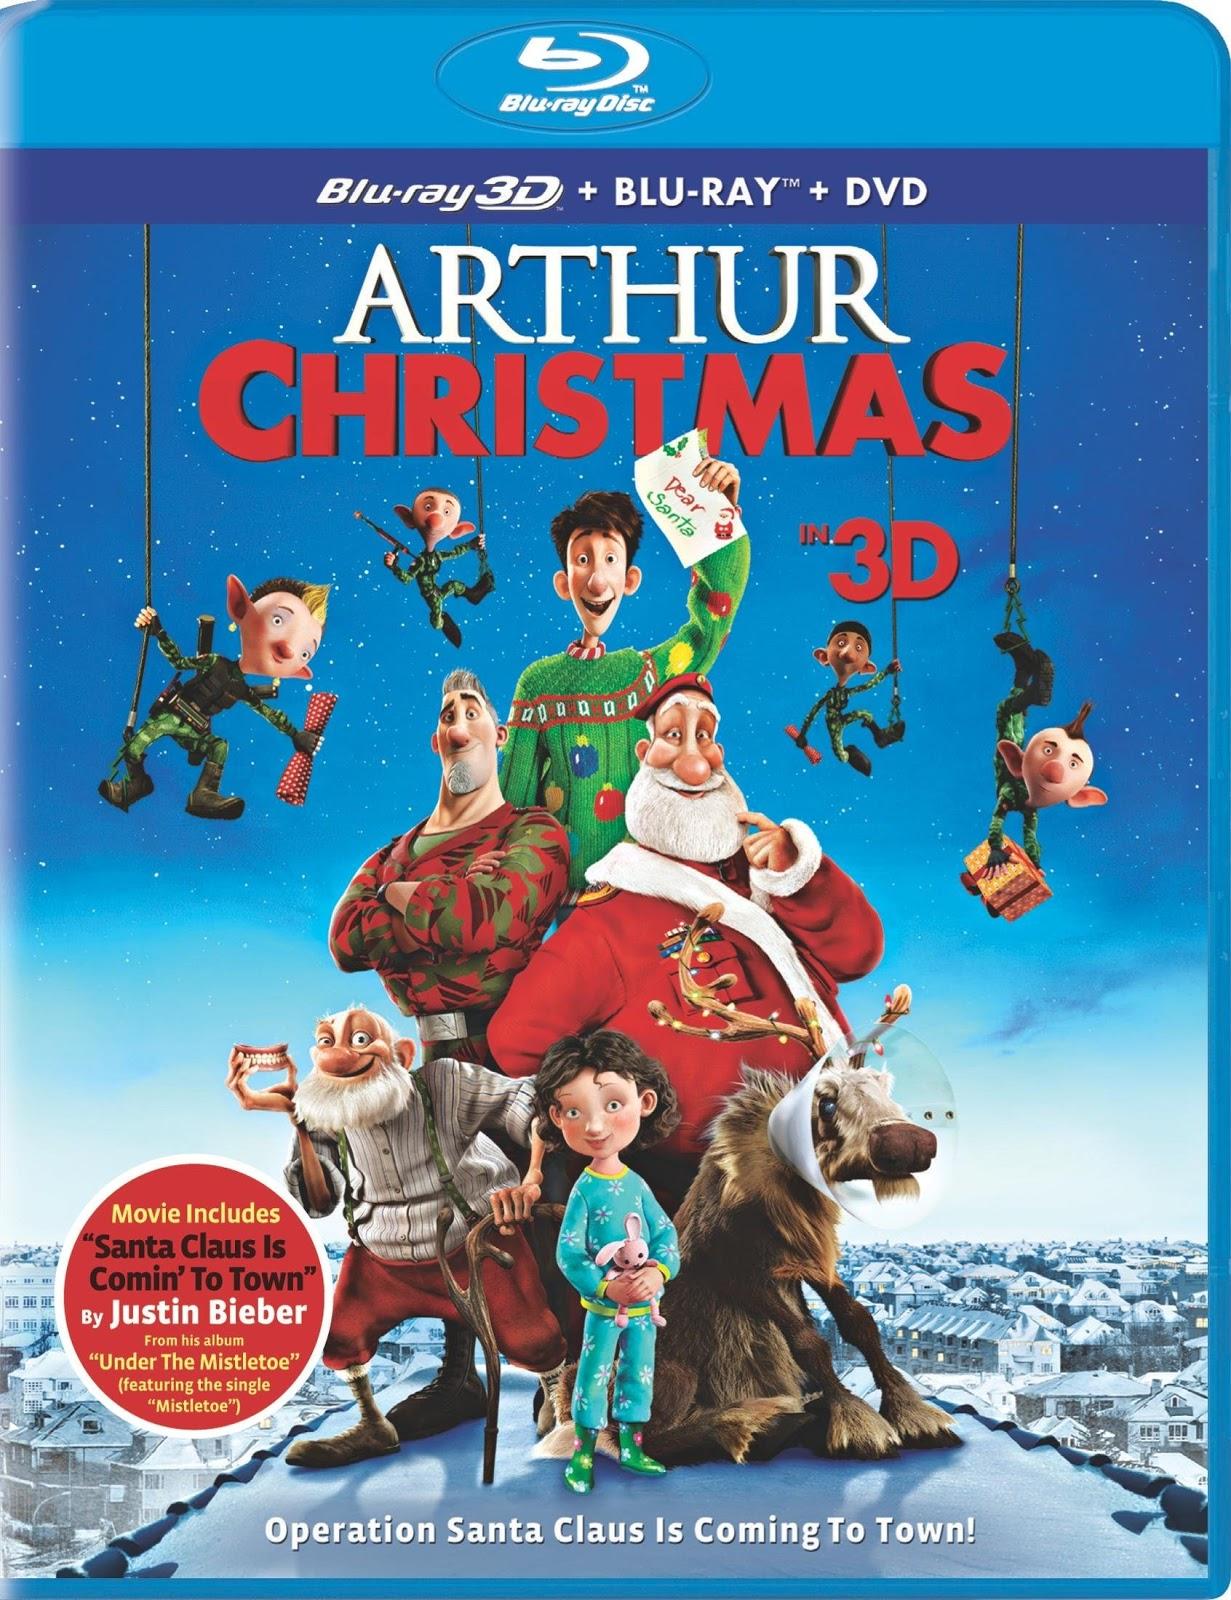 http://2.bp.blogspot.com/-Yfdoe0Q4ZIU/ULZ6HrqpvFI/AAAAAAAAHJk/zU7GOFEcwTY/s1600/arthur-christmas-blu-ray.jpg